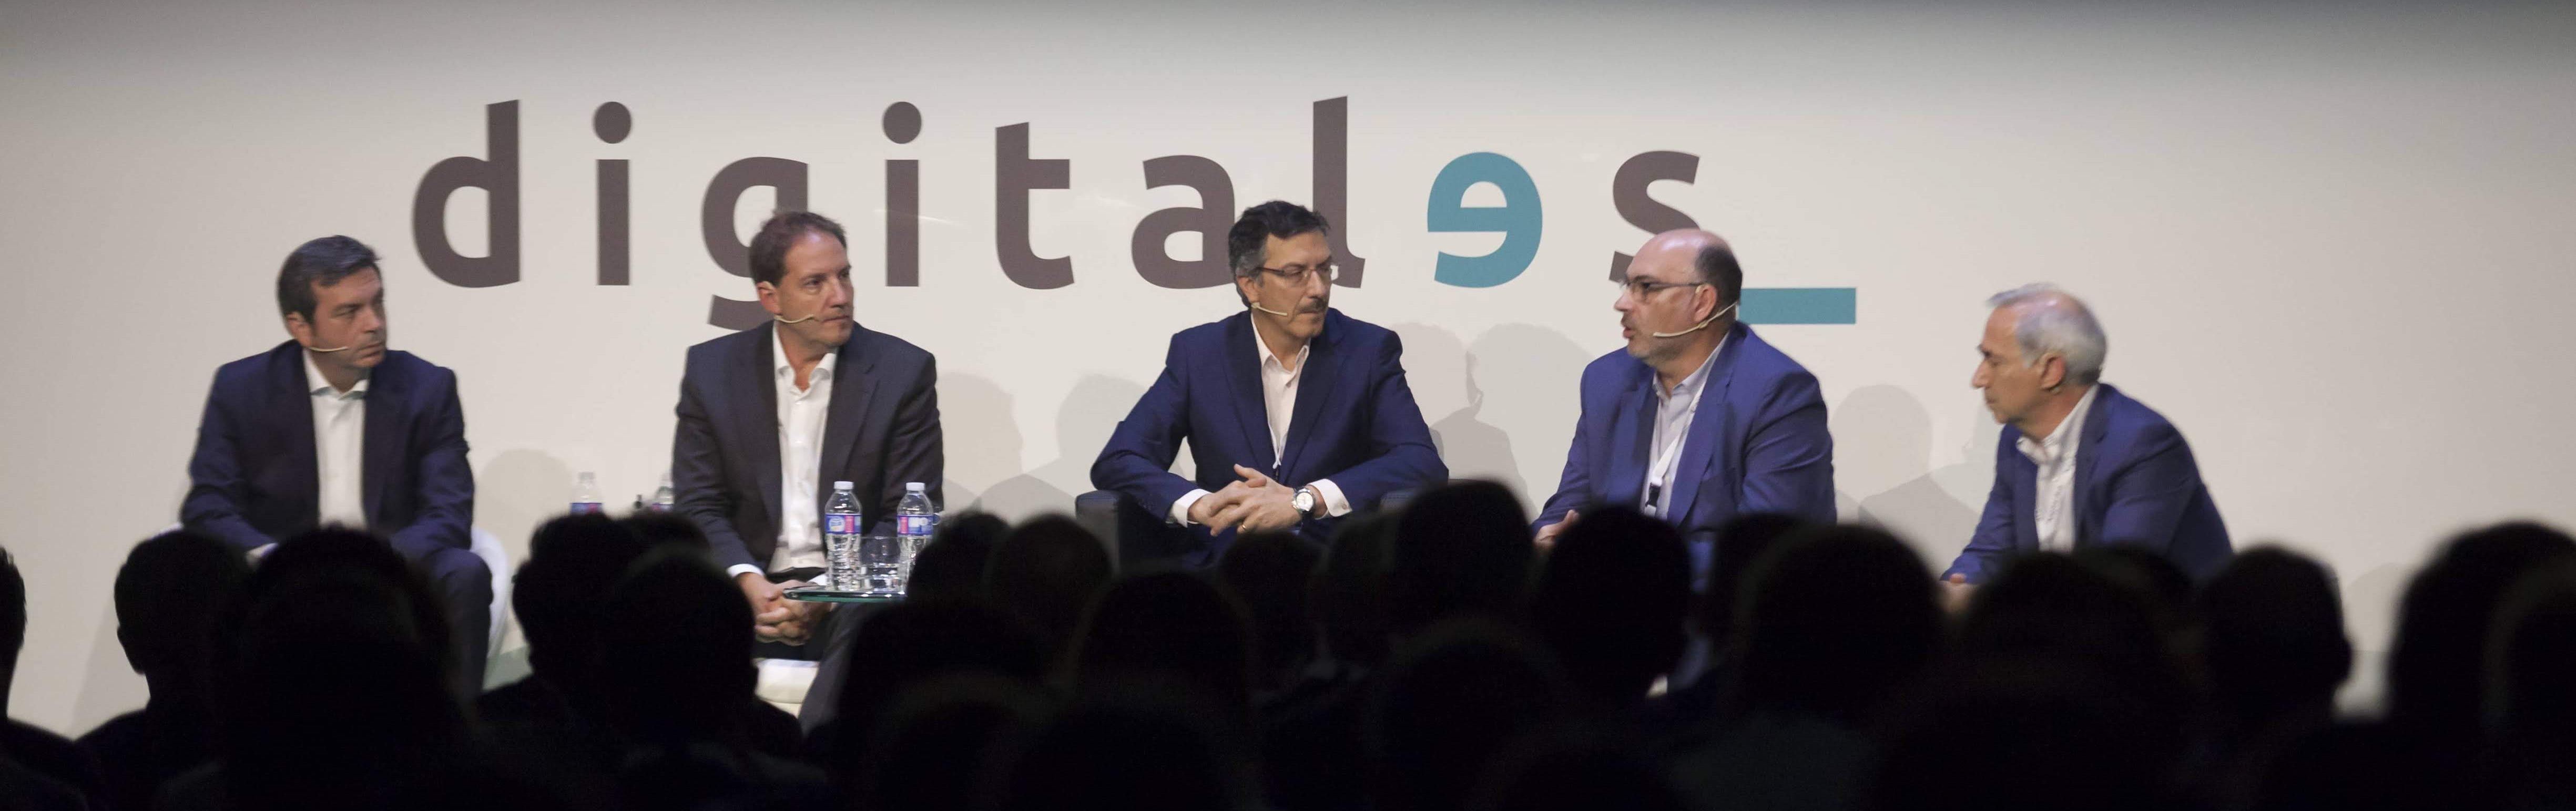 ¿De qué se hablará en el Digitales Summit 2019?